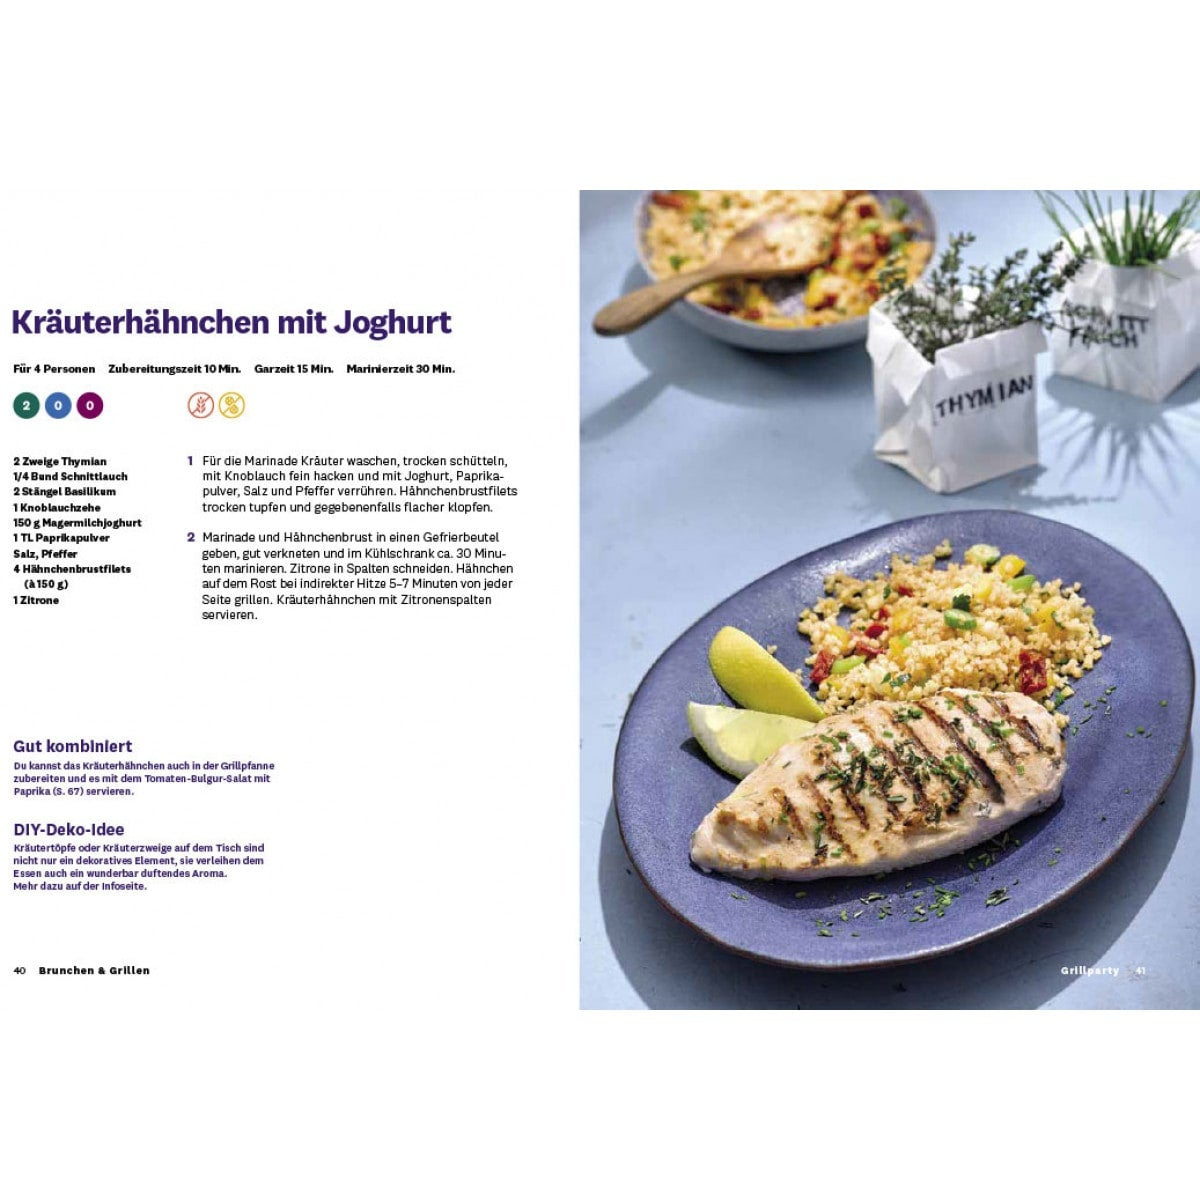 WW Kochbuch Brunchen & Grillen (40 Rezepte) 3